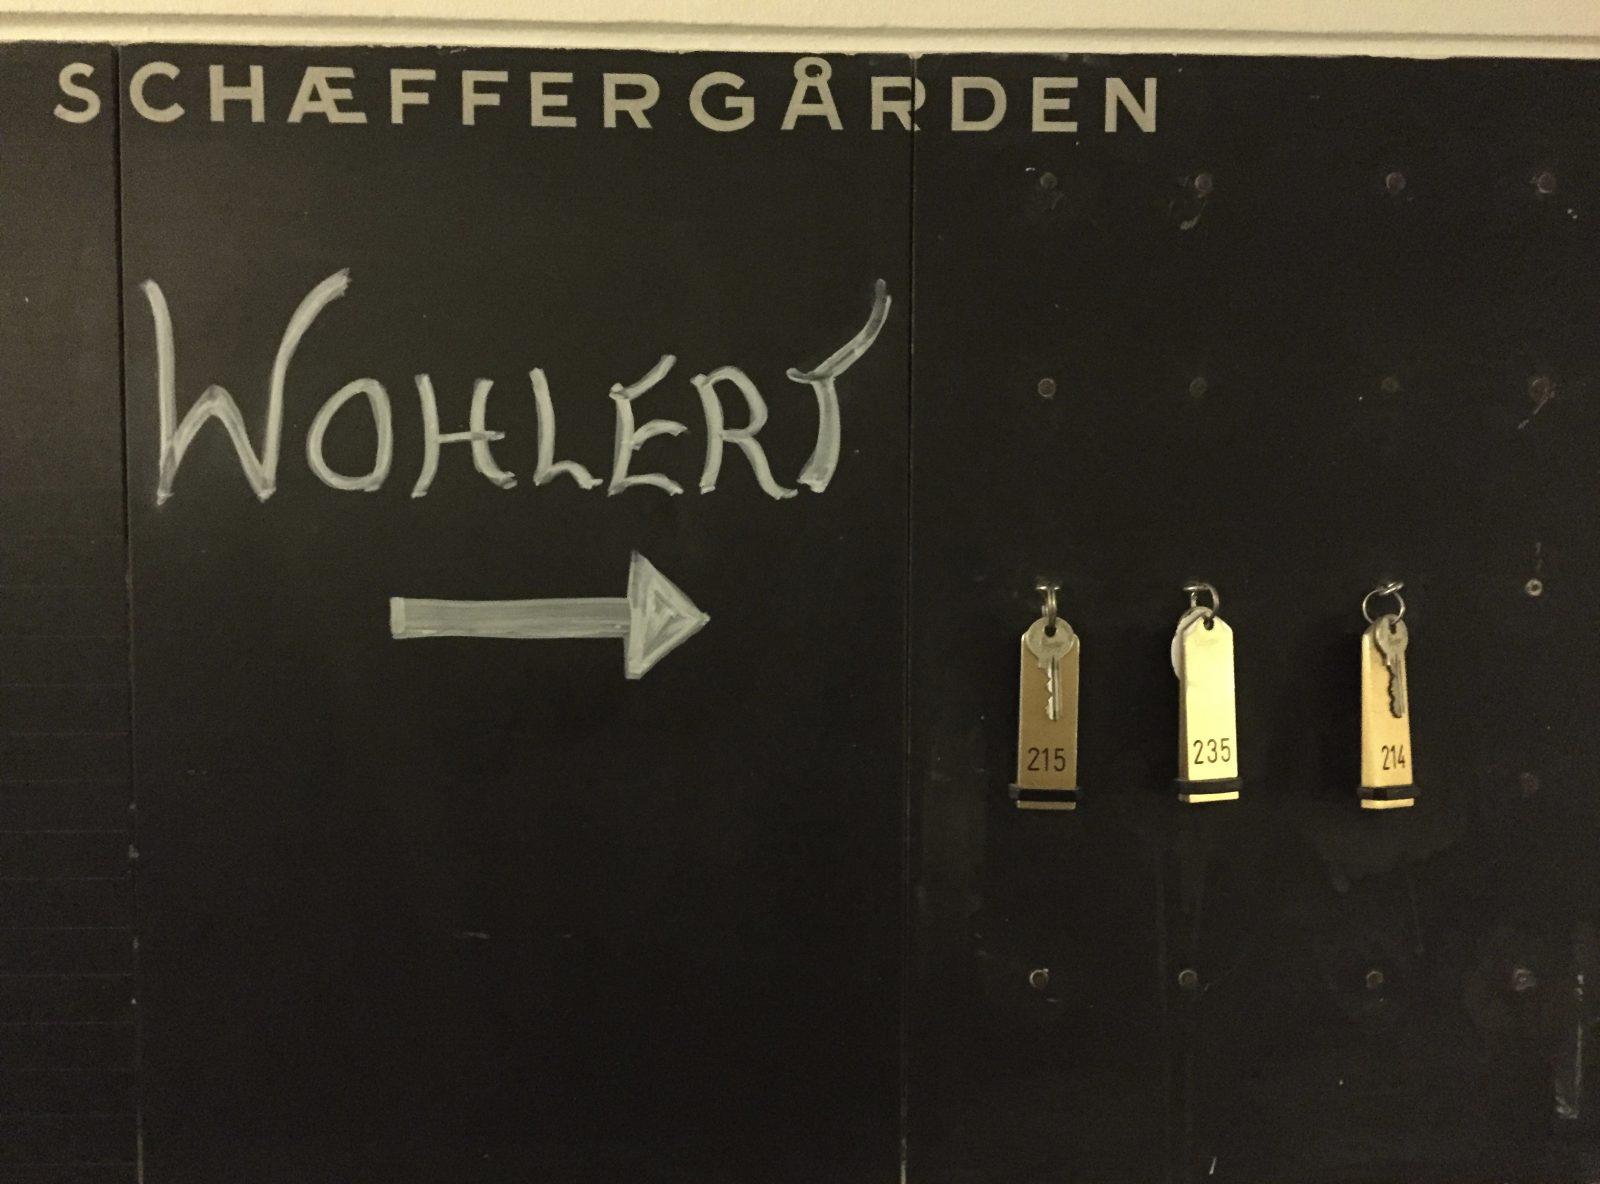 Schæffergården